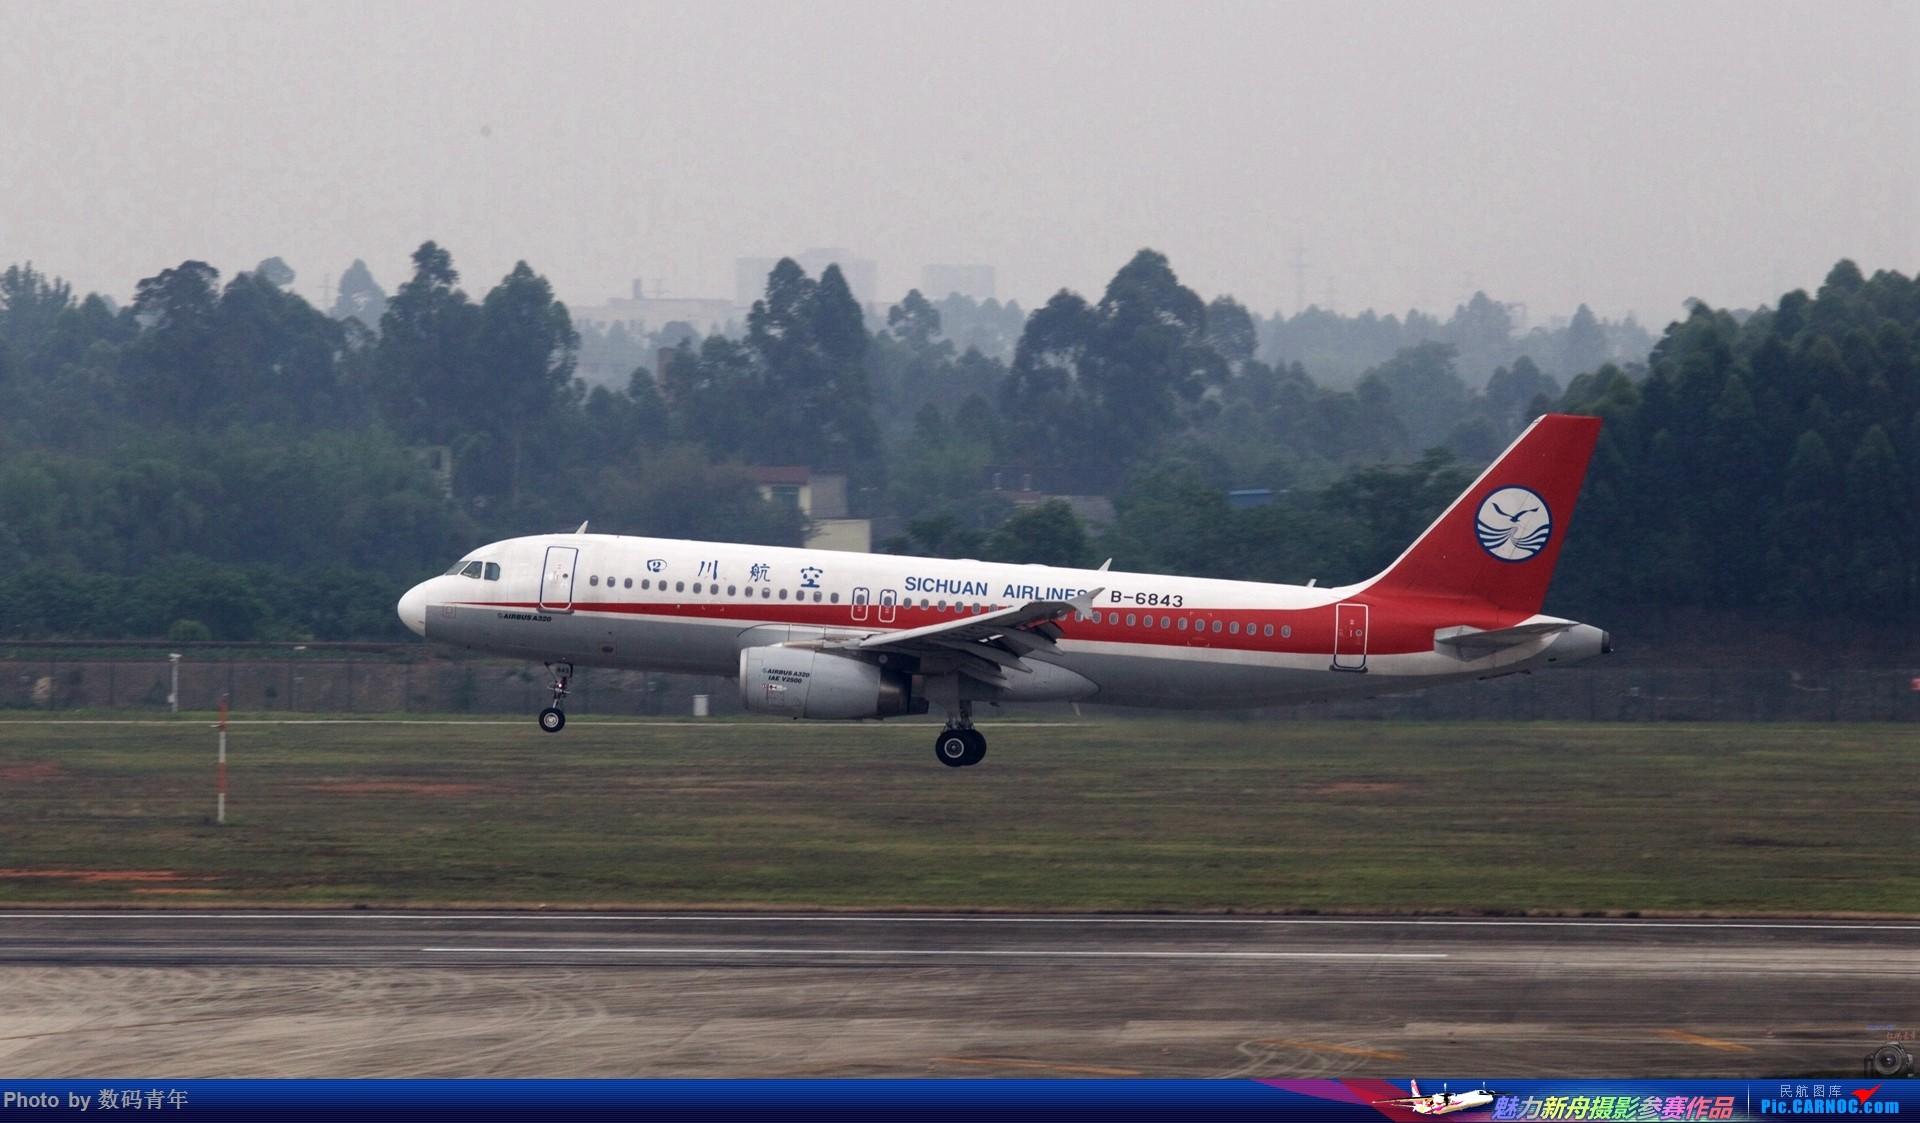 Re:[原创]重出江湖【CTU】2015.5.17打飞机 AIRBUS A320-200 B-6843 中国成都双流国际机场